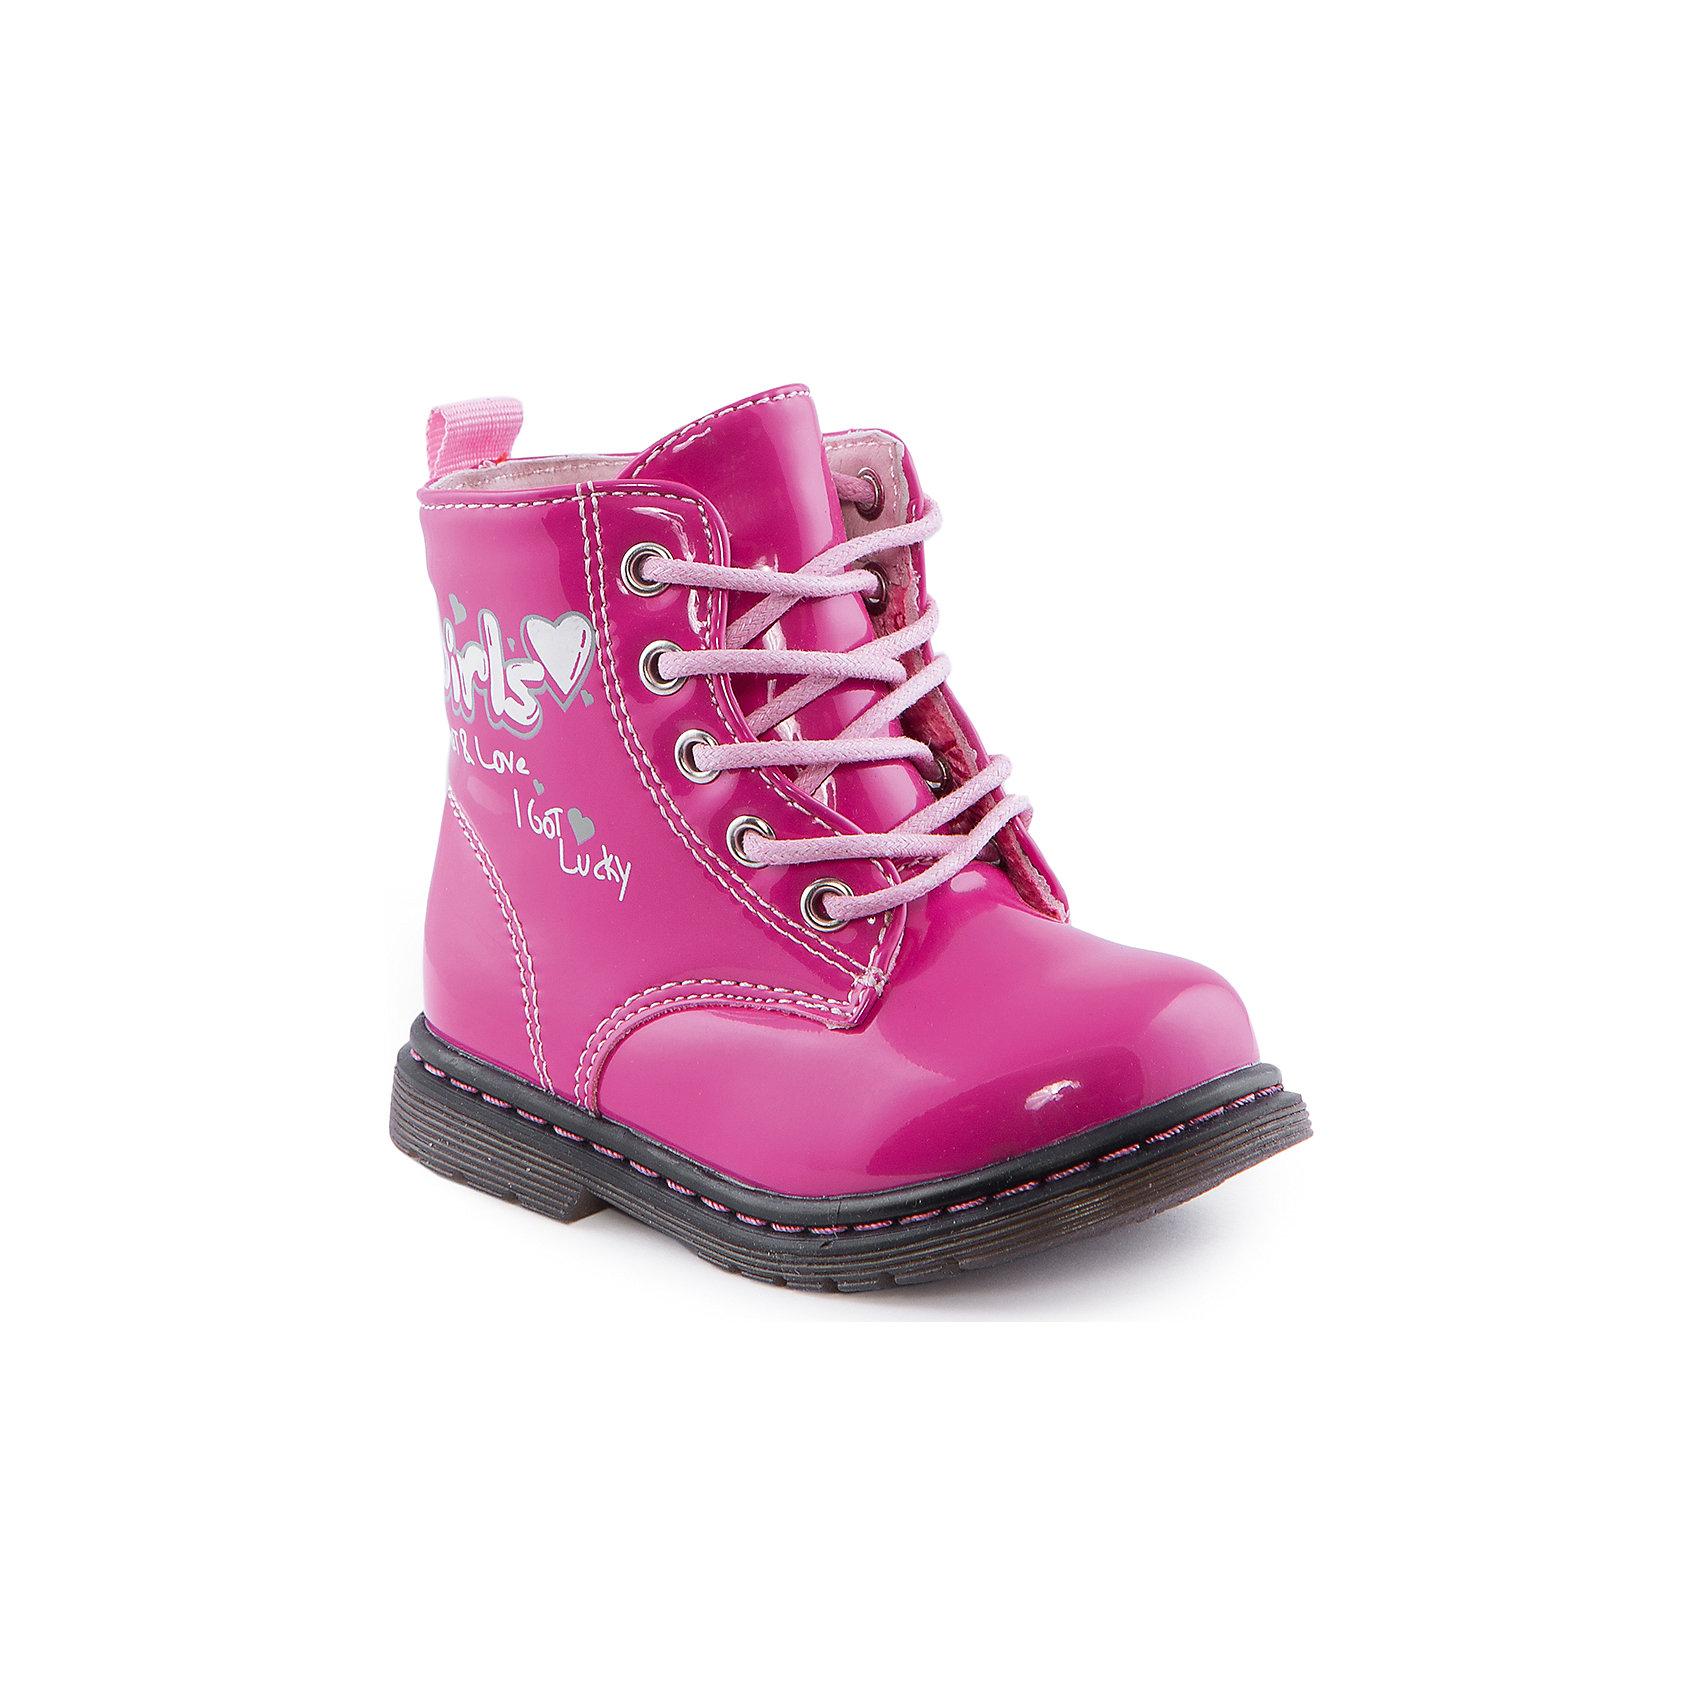 Ботинки для девочки Indigo kidsБотинки<br>Ботинки для девочки от известного бренда Indigo kids<br><br>Очень красивые нарядные ботинки могут быть и очень удобными! Яркий цвет делает эту модель стильной и привлекающей внимание. Ботинки легко надеваются благодаря шнуровке и молнии и комфортно садятся по ноге. <br><br>Особенности модели:<br><br>- цвет - розовый;<br>- лакированная кожа;<br>- стильный дизайн;<br>- удобная колодка;<br>- байковая подкладка;<br>- украшены принтом;<br>- устойчивая подошва;<br>- высокие;<br>- застежки: шнуровка, молния.<br><br>Дополнительная информация:<br><br>Температурный режим:<br>от +5° С до +15° С<br><br>Состав:<br><br>верх – искусственная кожа;<br>подкладка - байка;<br>подошва - ТЭП.<br><br>Ботинки для девочки Indigo kids (Индиго Кидс) можно купить в нашем магазине.<br><br>Ширина мм: 262<br>Глубина мм: 176<br>Высота мм: 97<br>Вес г: 427<br>Цвет: фуксия<br>Возраст от месяцев: 12<br>Возраст до месяцев: 15<br>Пол: Женский<br>Возраст: Детский<br>Размер: 21,26,23,25,24,22<br>SKU: 4520013